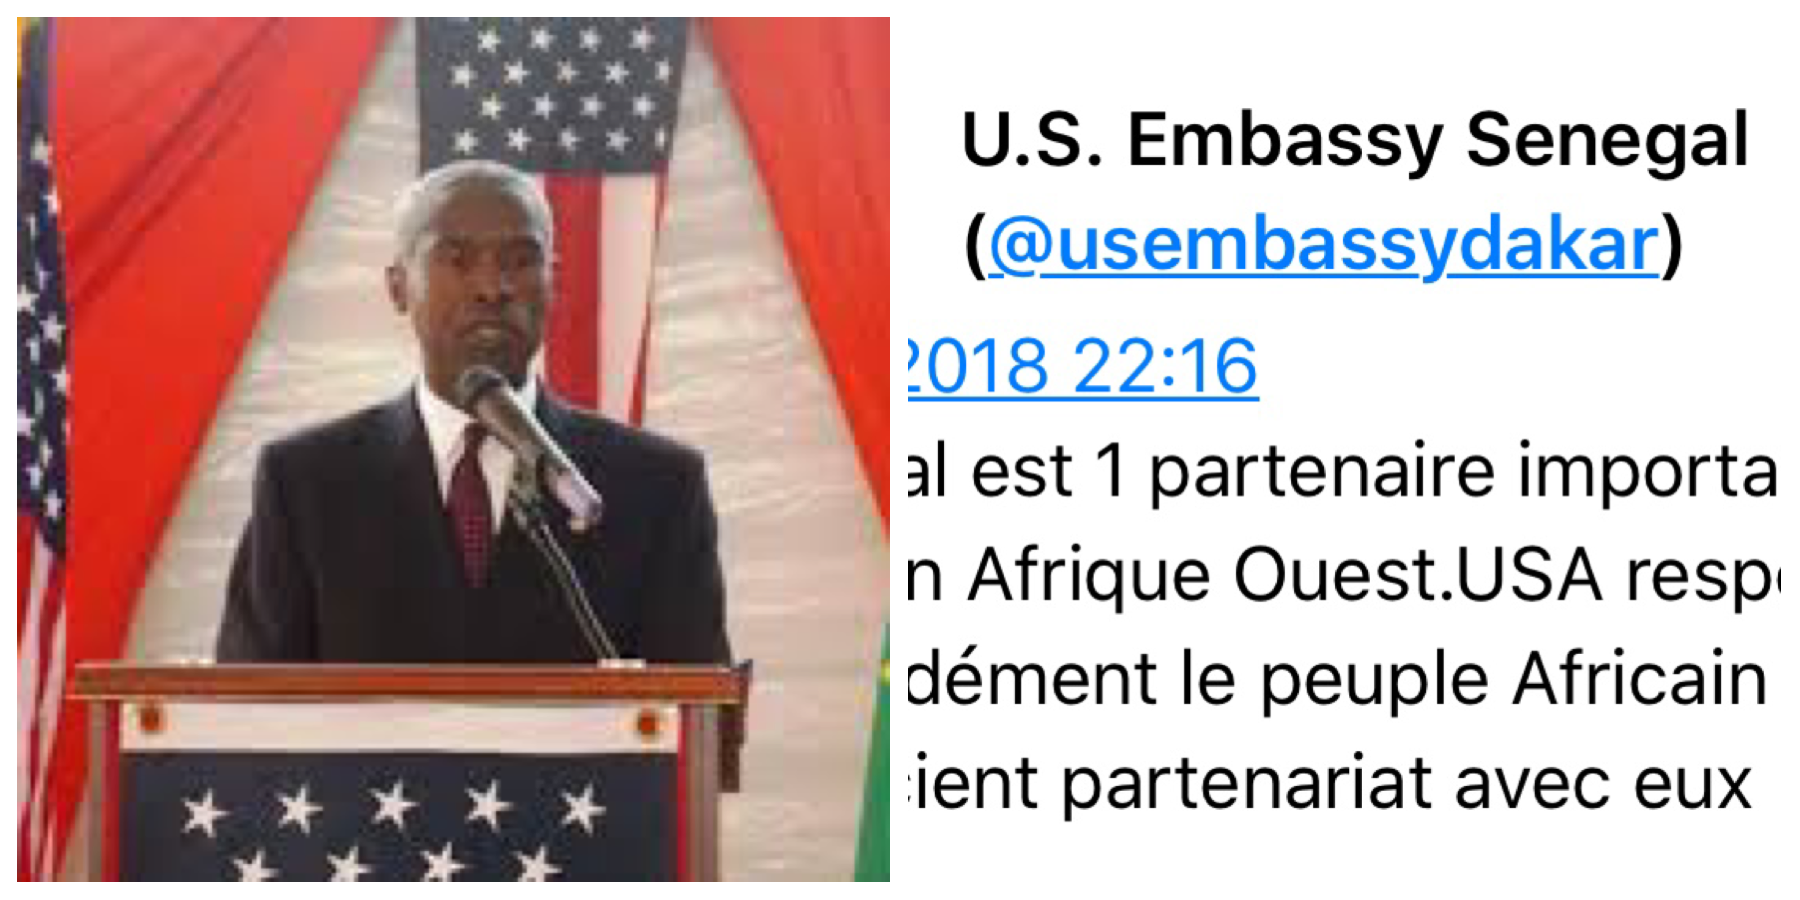 « Pays de merde » : l'ambassade des USA rectifie Trump et déclare respecter le Sénégal et le peuple africain